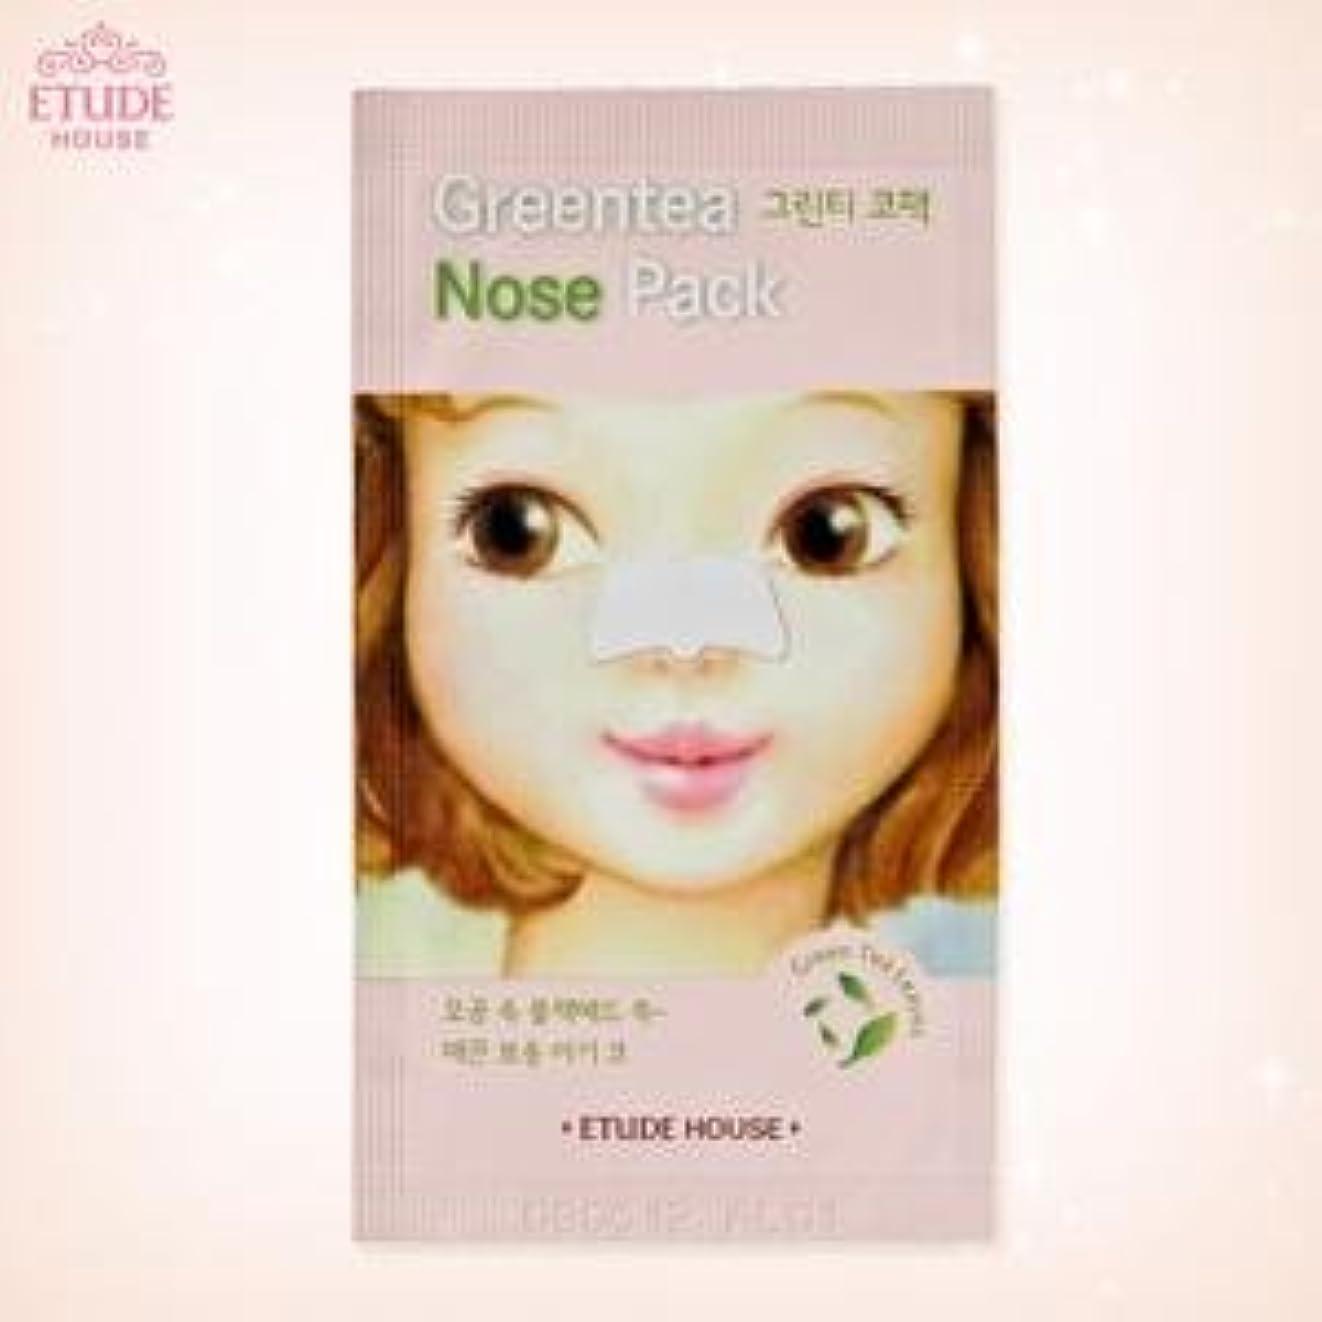 散文軌道王室エチュードハウス グリーンティー ノーズパック[Greentea Nose Pack]鼻専用パック